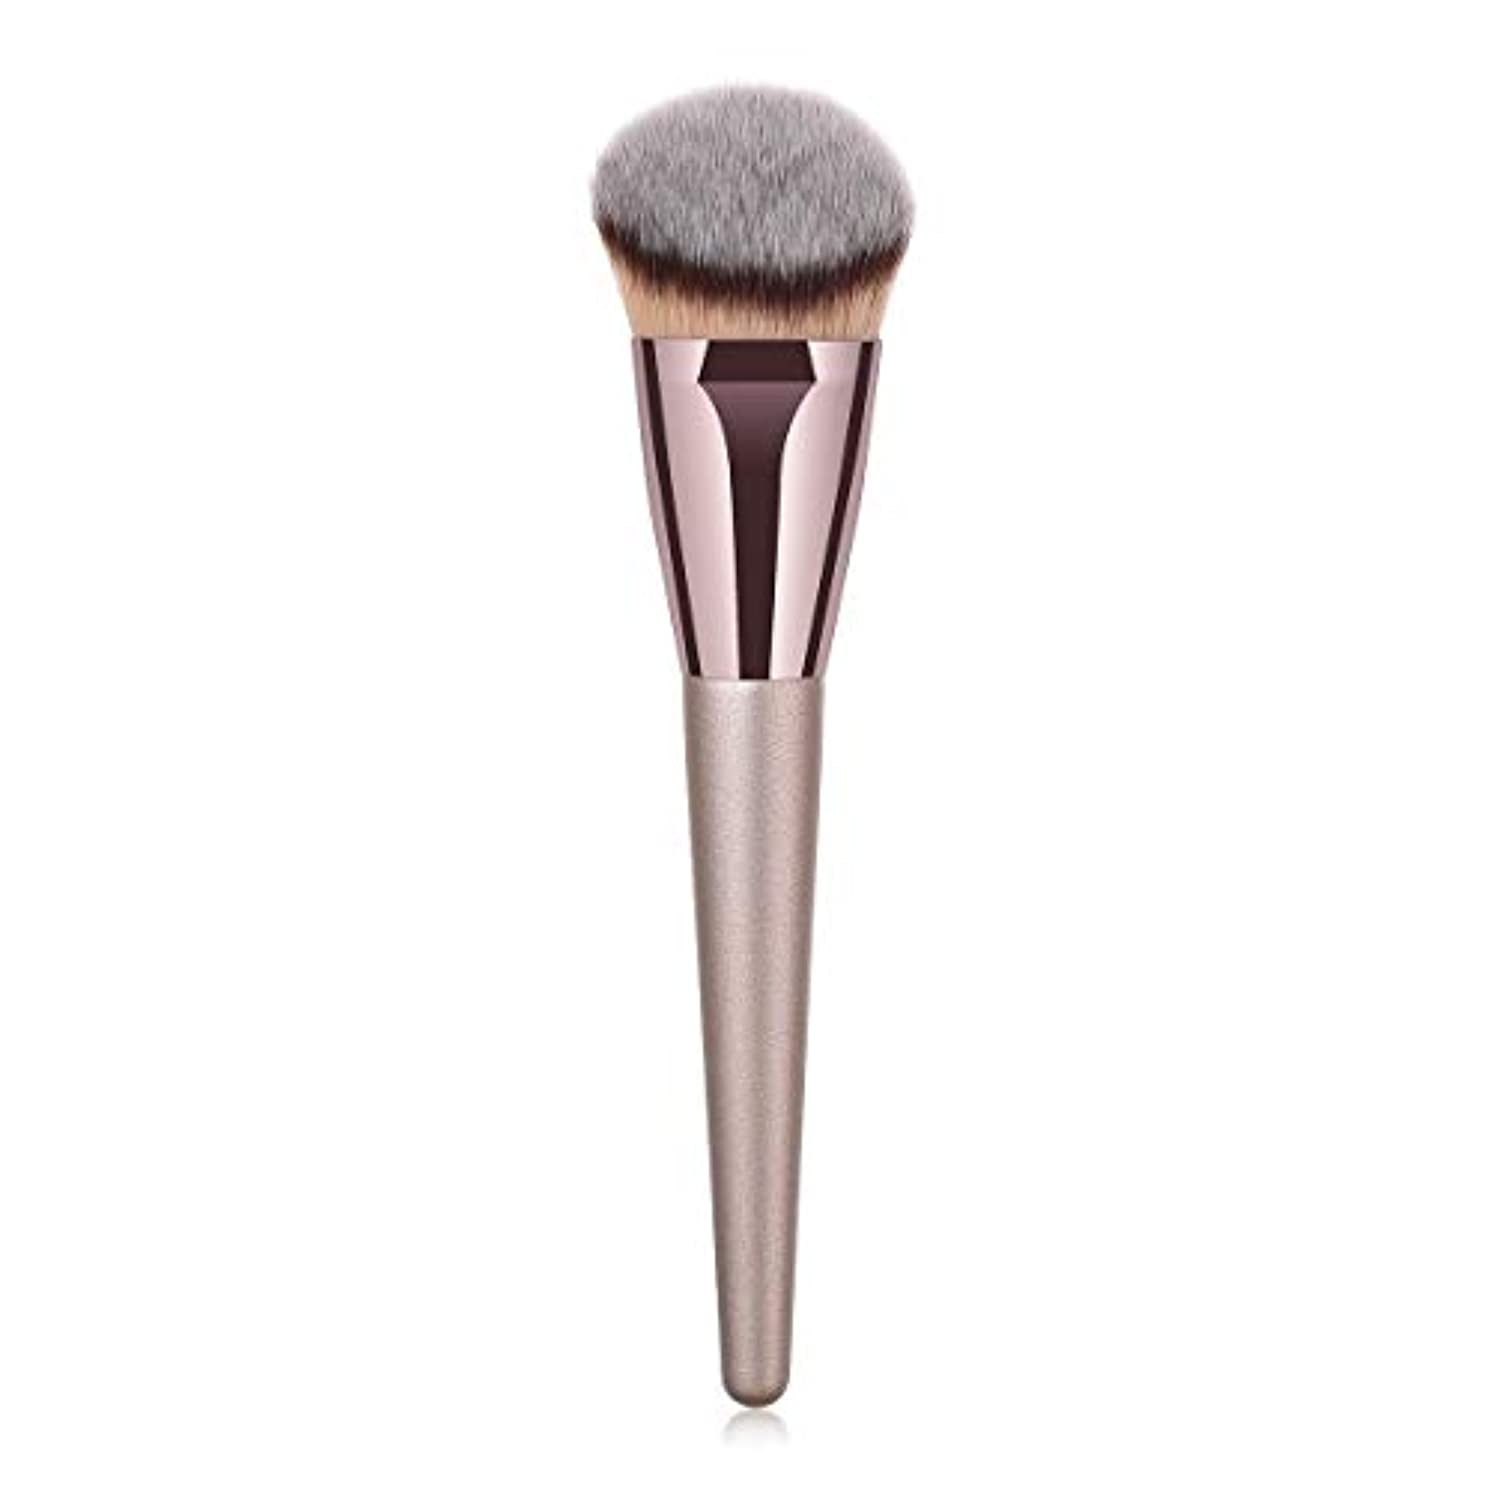 比類なきふさわしい投票CHANGYUXINTAI-HUAZHUANGSHUA 持ち運びに便利な化粧品の美容ツールの基本的な単一のブラシ (Color : Gray)